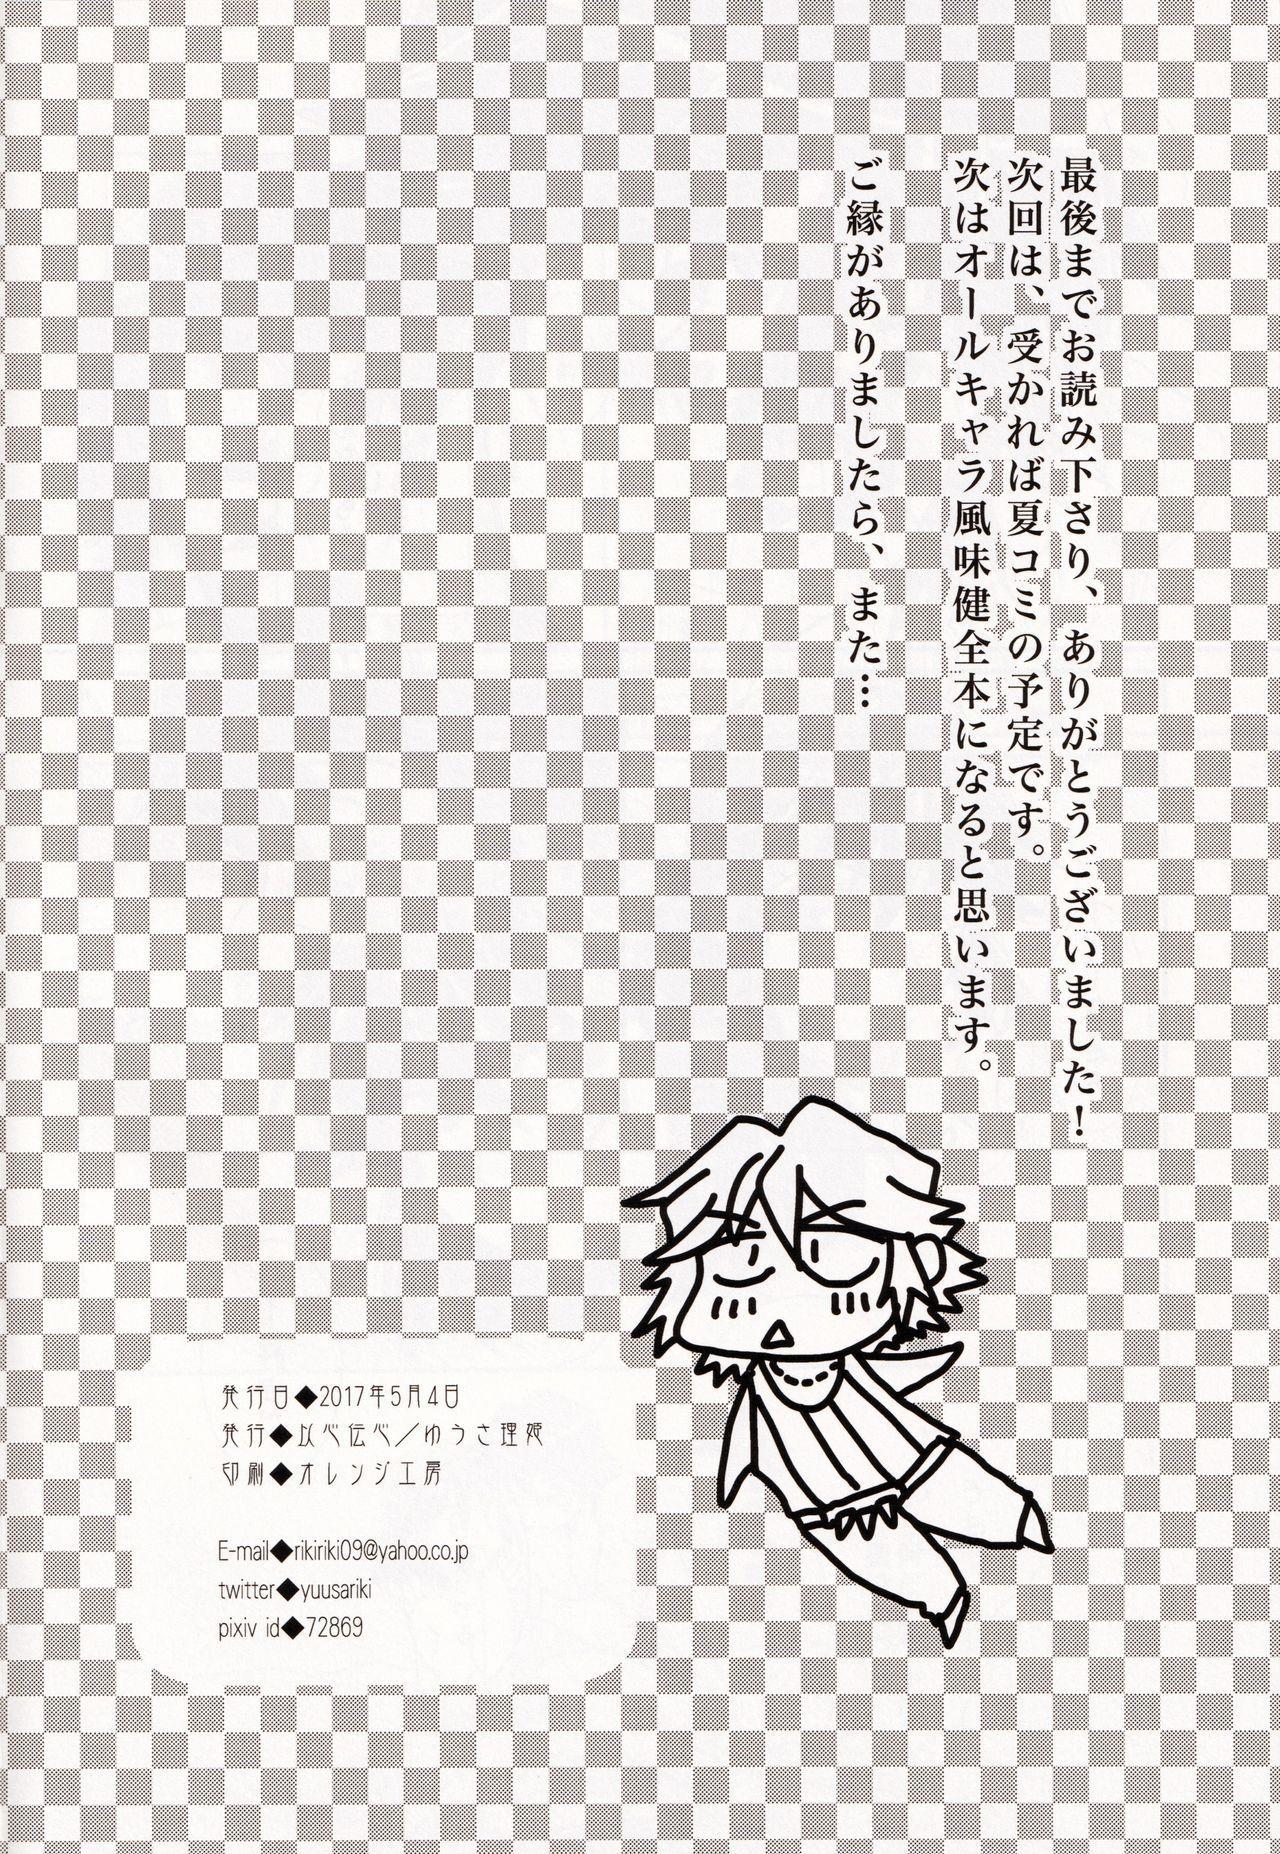 (SUPER26) [Ishin Denshin (Yuusa Riki)] Ore no Kanojo (Kari) ga Otokomae Sugite Mou Horeru shika Nai. (Kill la Kill) 29